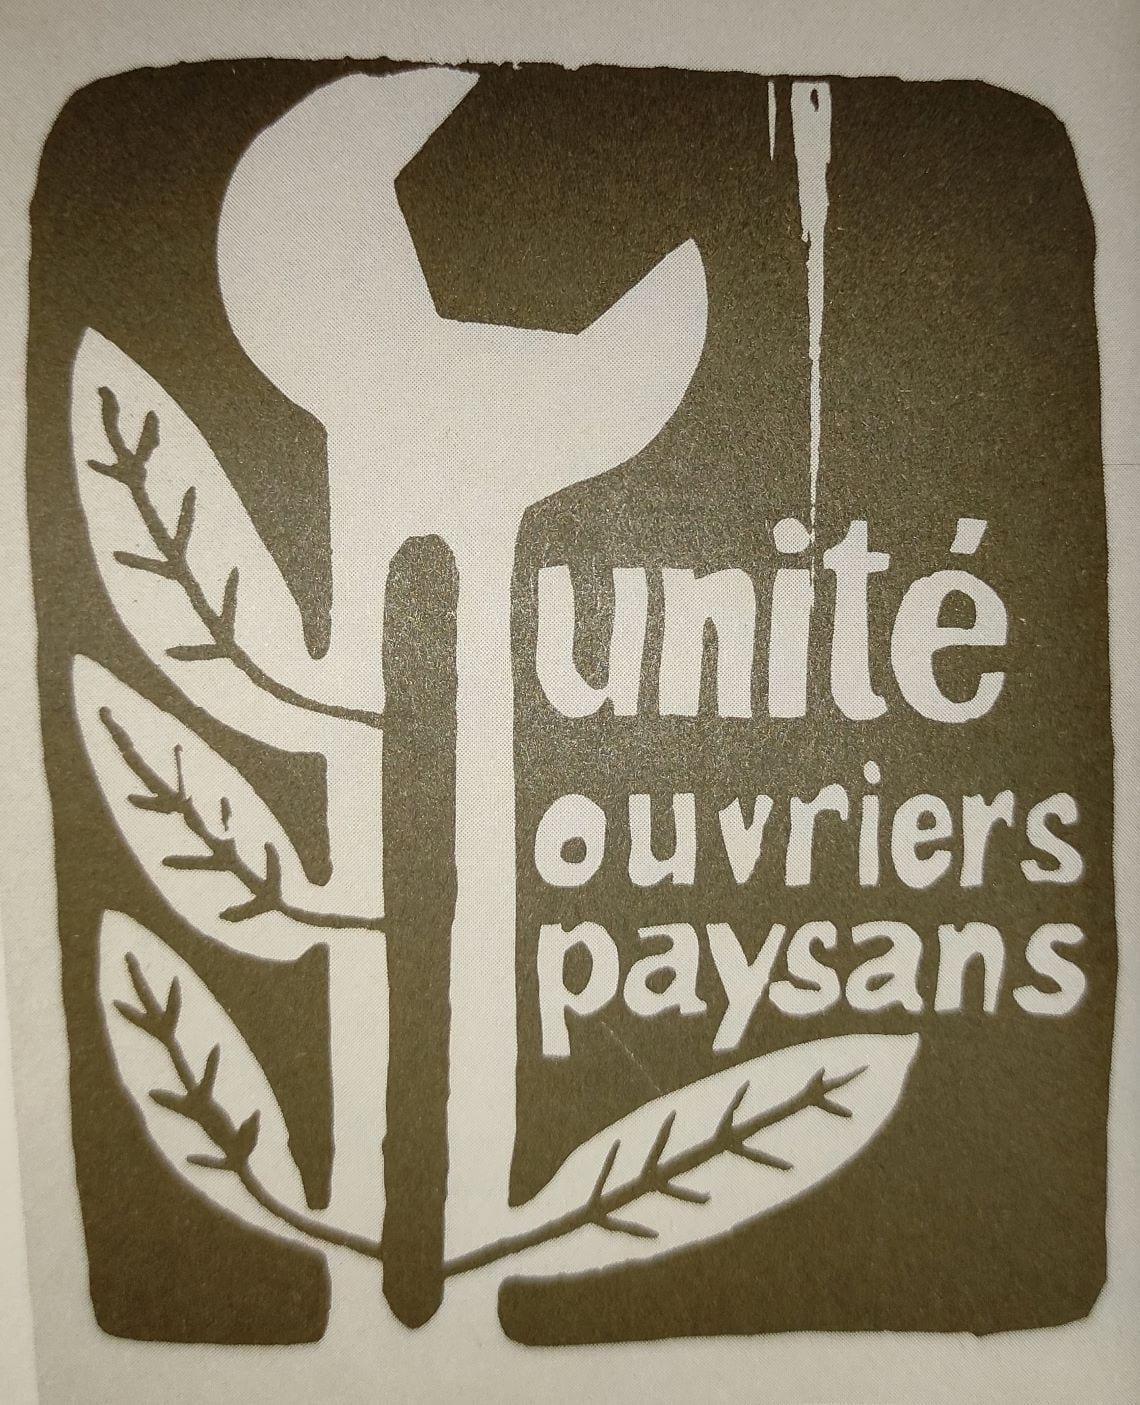 Le top 10 des affiches de mai 68 : unité ouvriers paysans